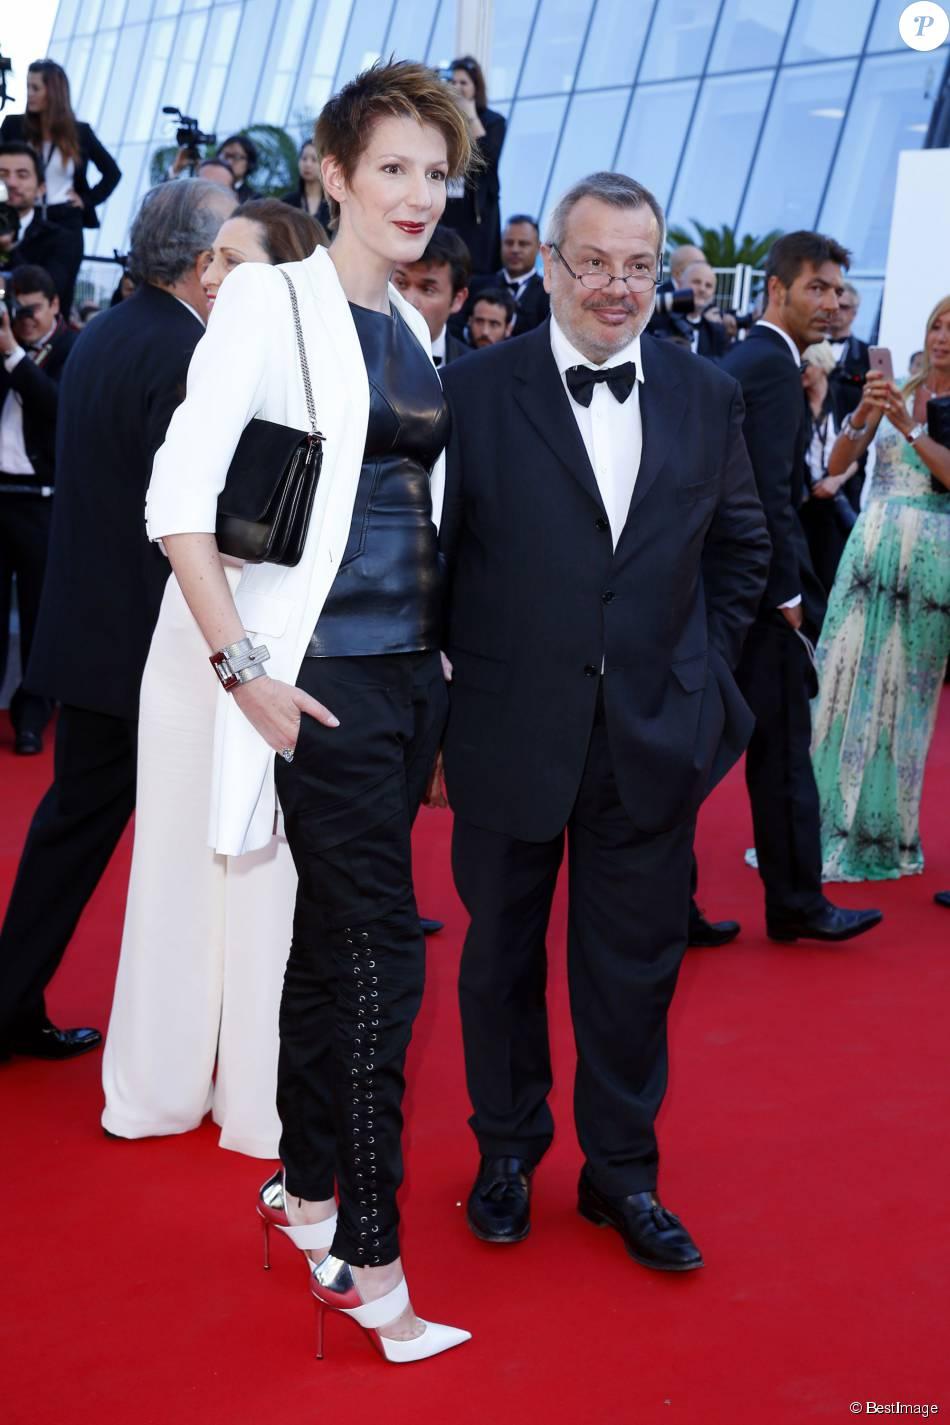 Natacha polony et son mari p rico l gasse mont e des marches du film the little prince le - Charlotte de turckheim et son mari ...